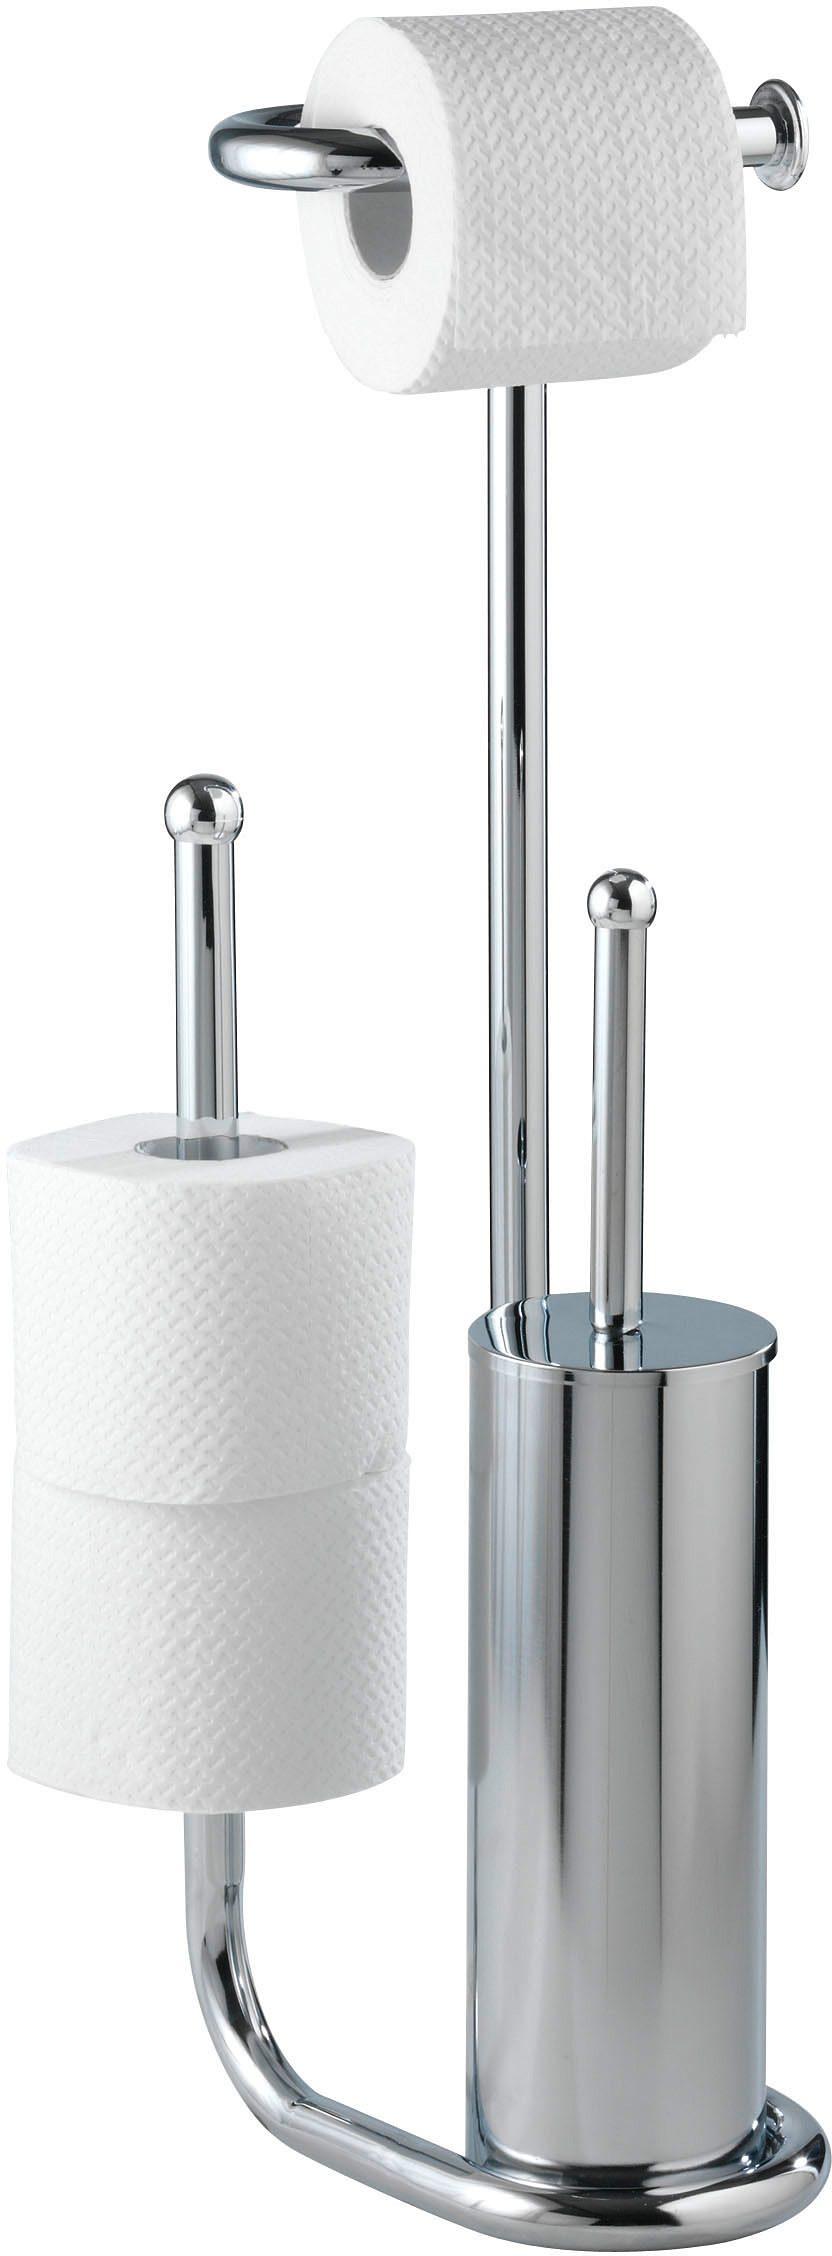 WENKO Stand WC-Garnitur Universalo Chrom, mit Ersatzrollenhalter